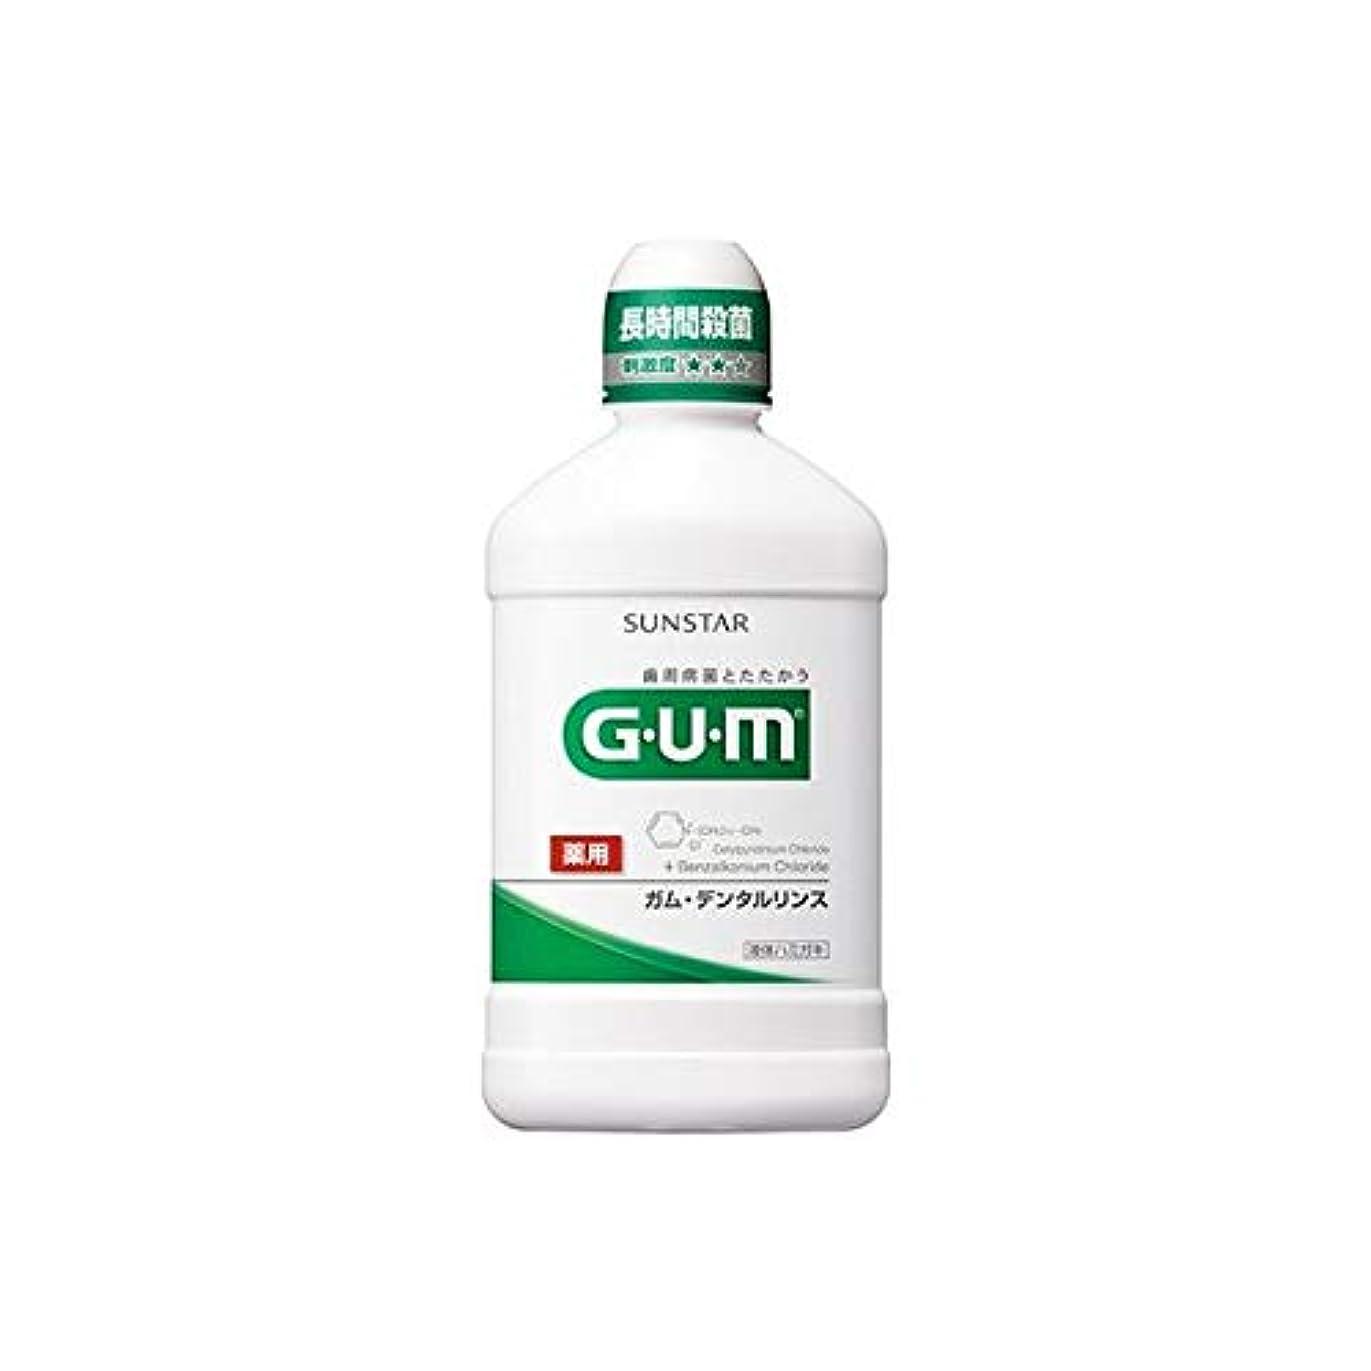 GUMデンタルリンス250ML レギュラー